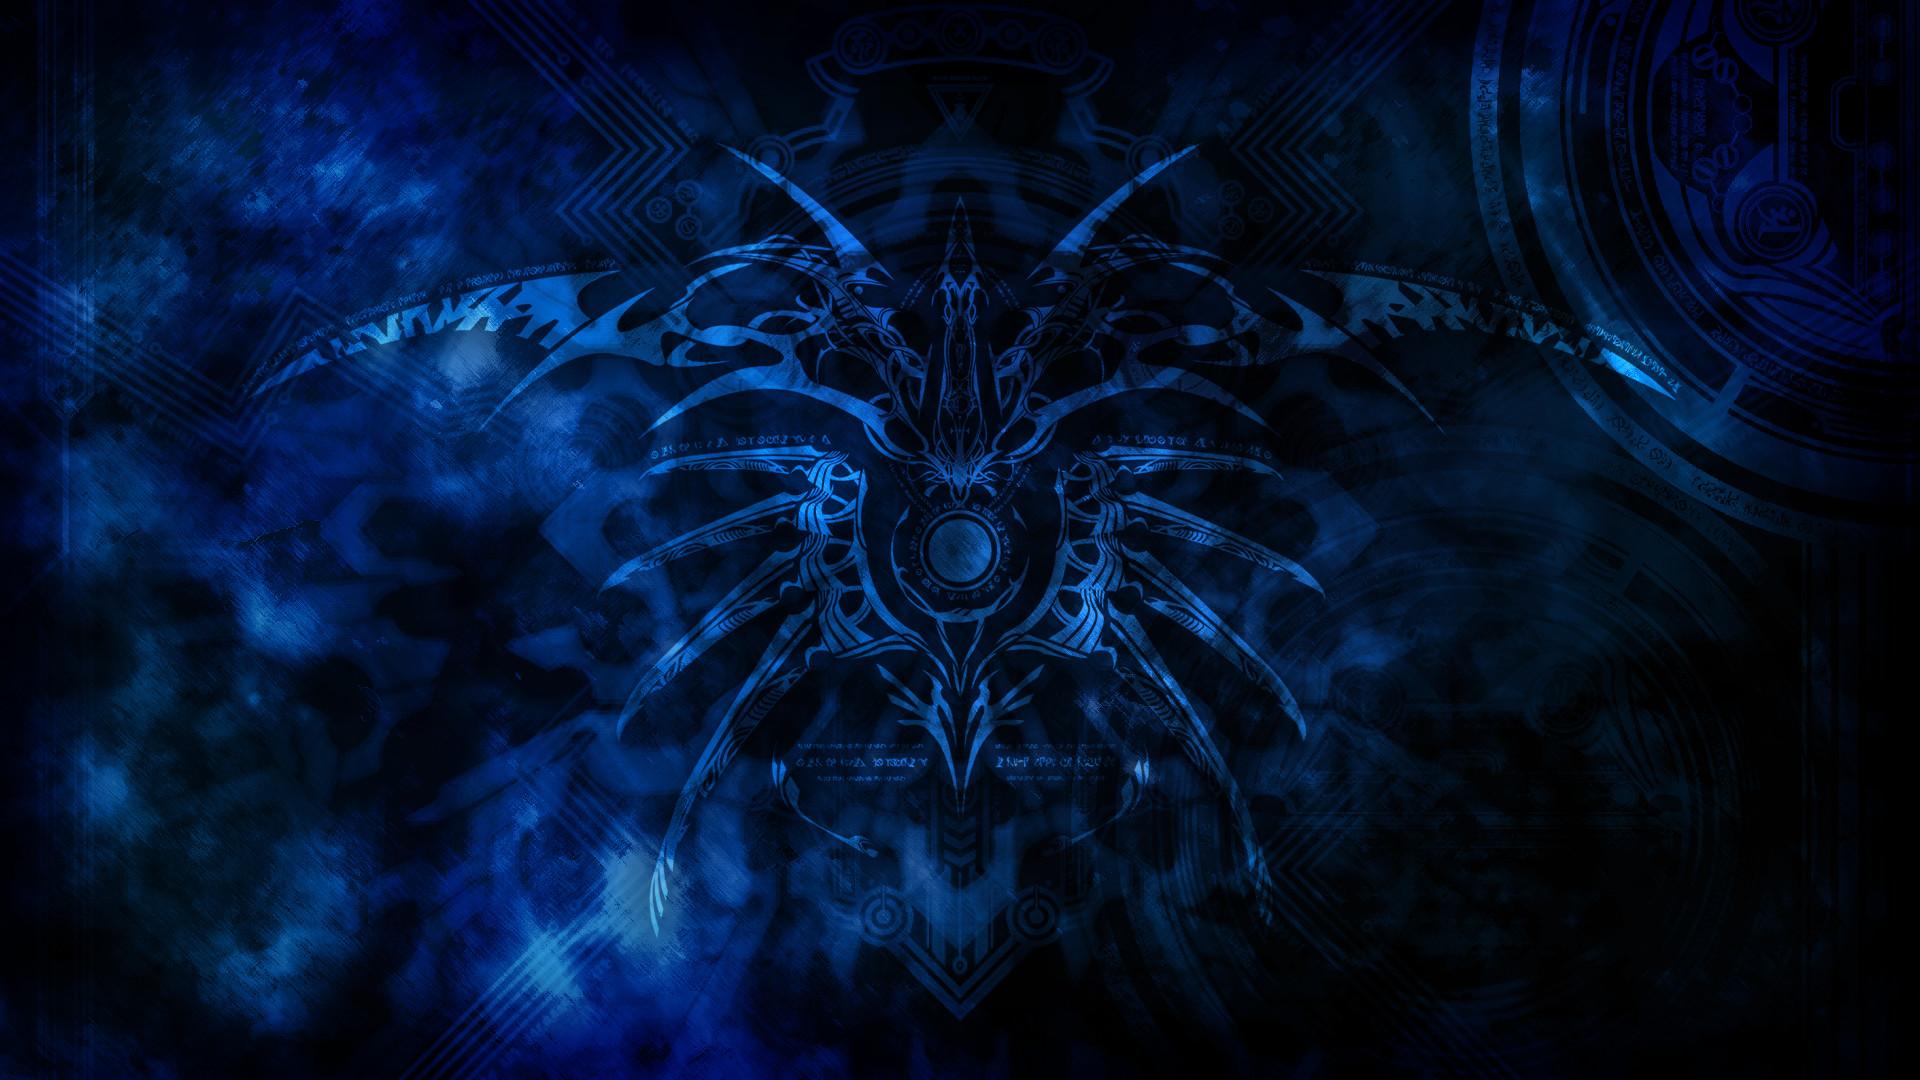 Blazblue Emblem Wallpaper